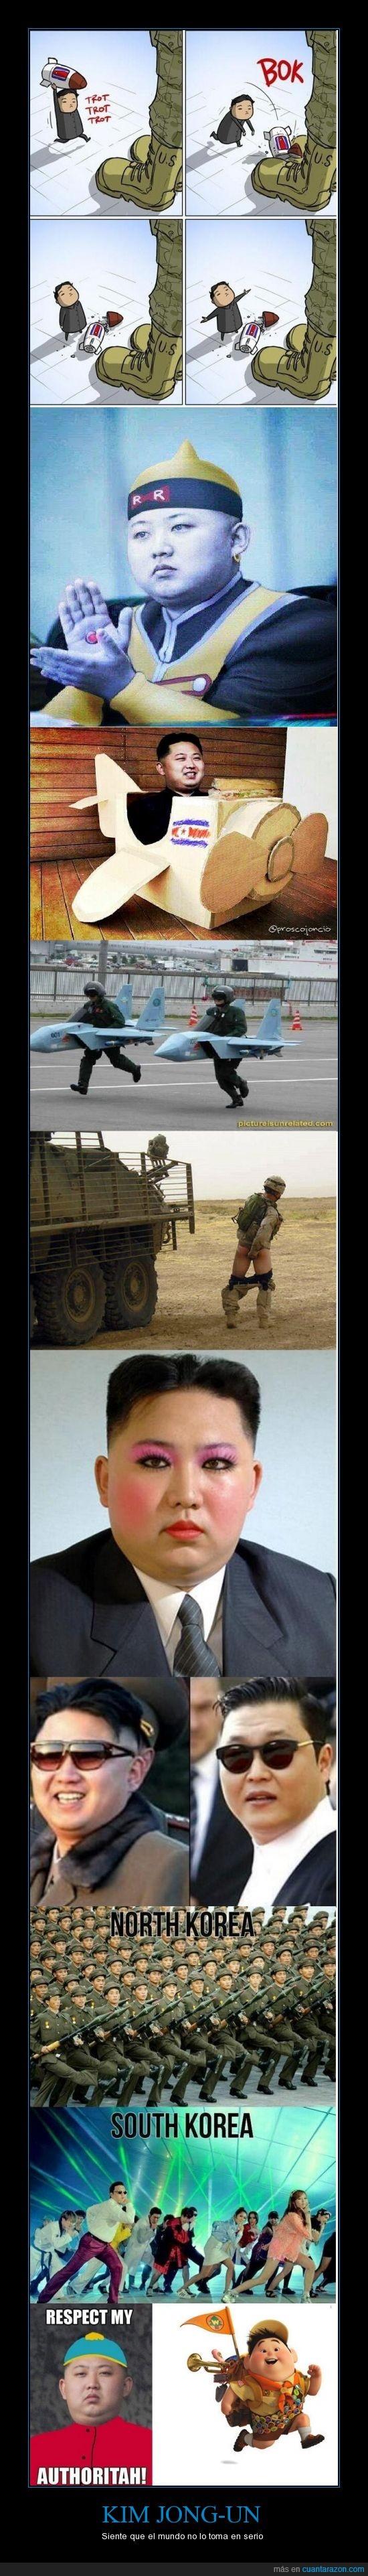 corea,guerra,kim jong-un,twitter pics,wtf